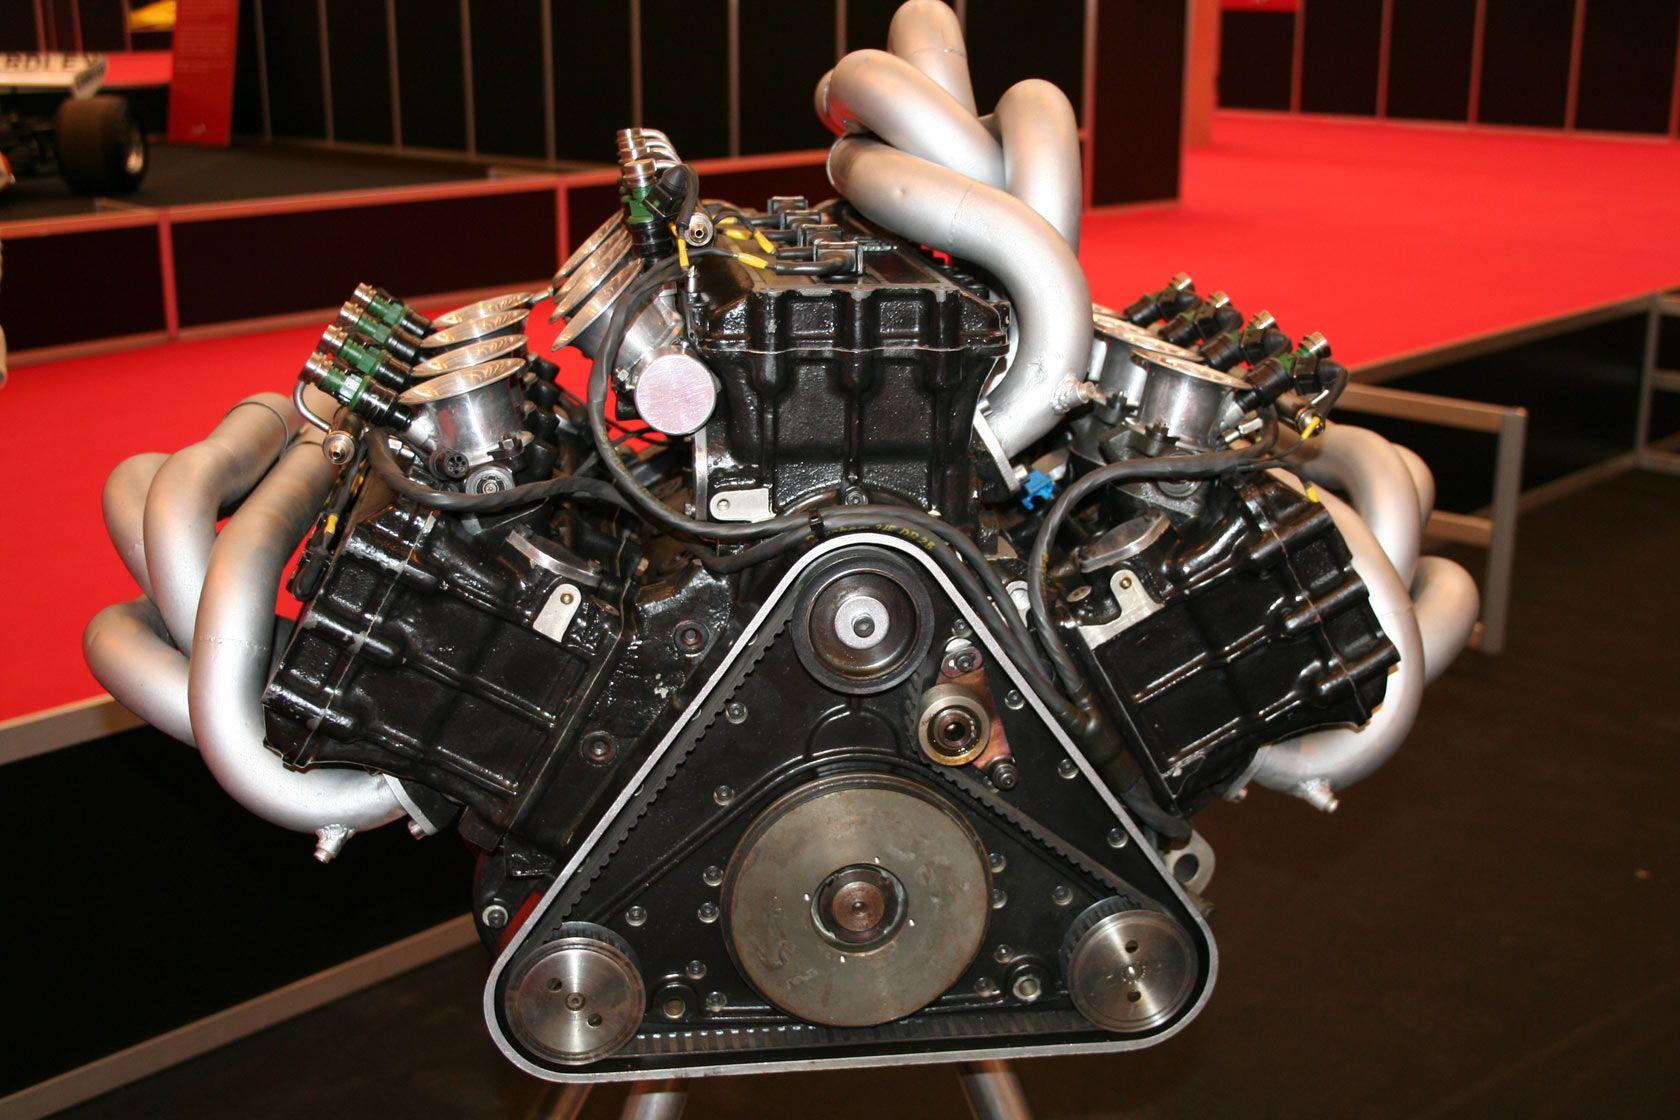 hight resolution of bentley w12 engine diagram bentley w16 engine diagram 2007 vw gti engine diagram vw gti engine schematic